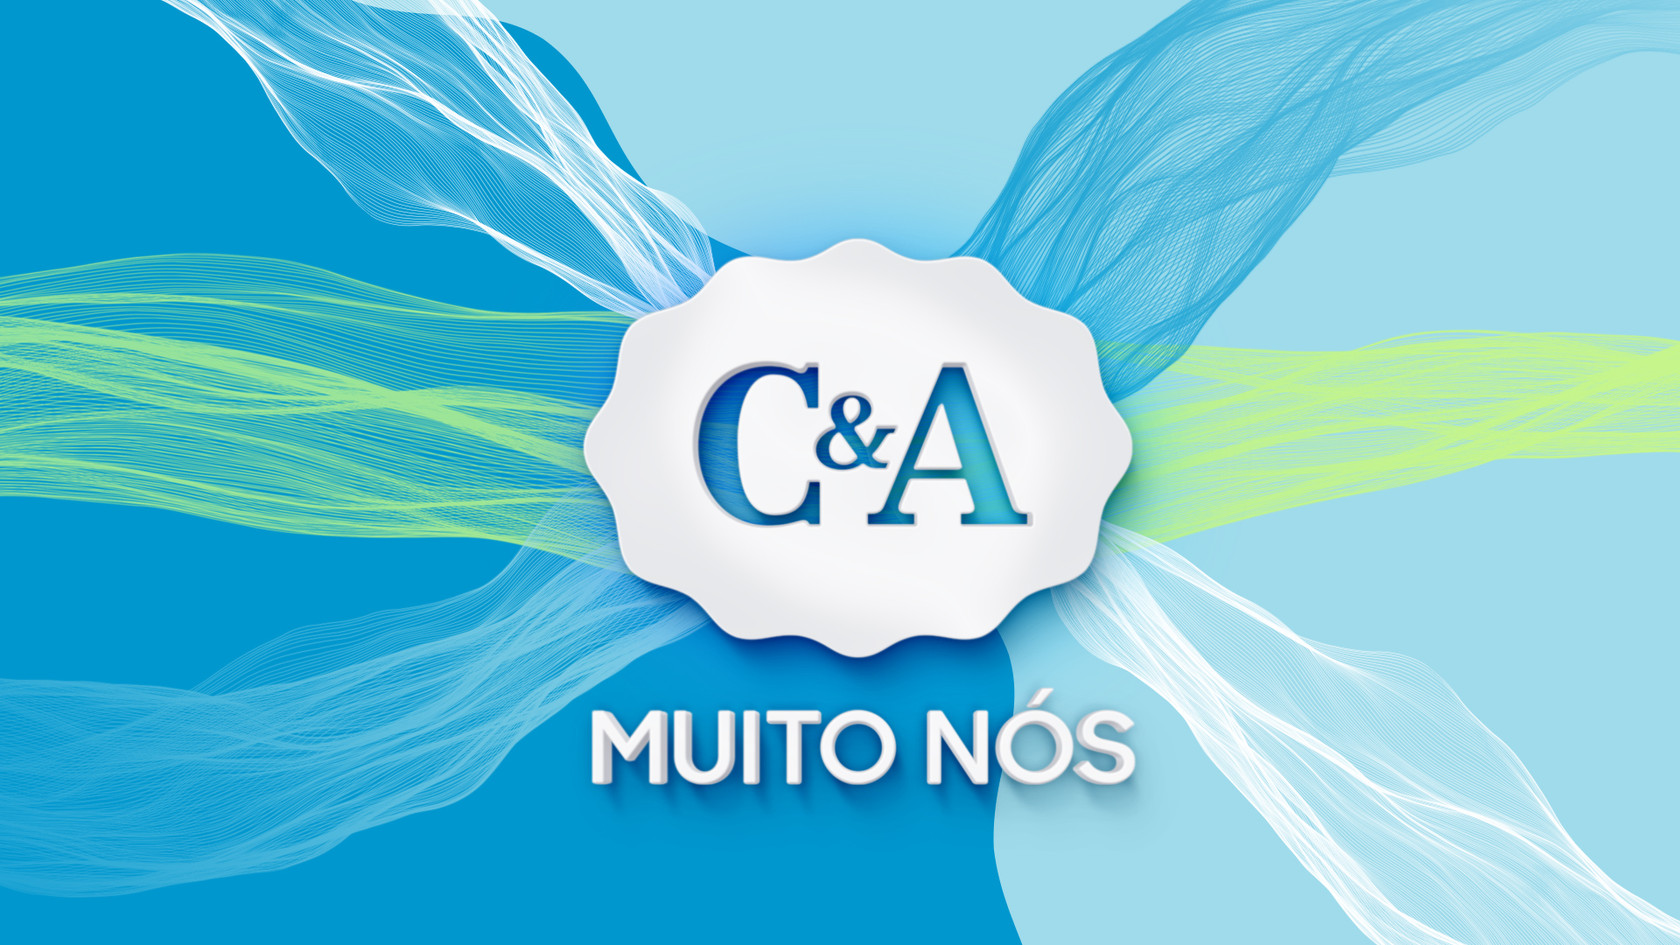 KV_MUITO_NOS_v2.jpg